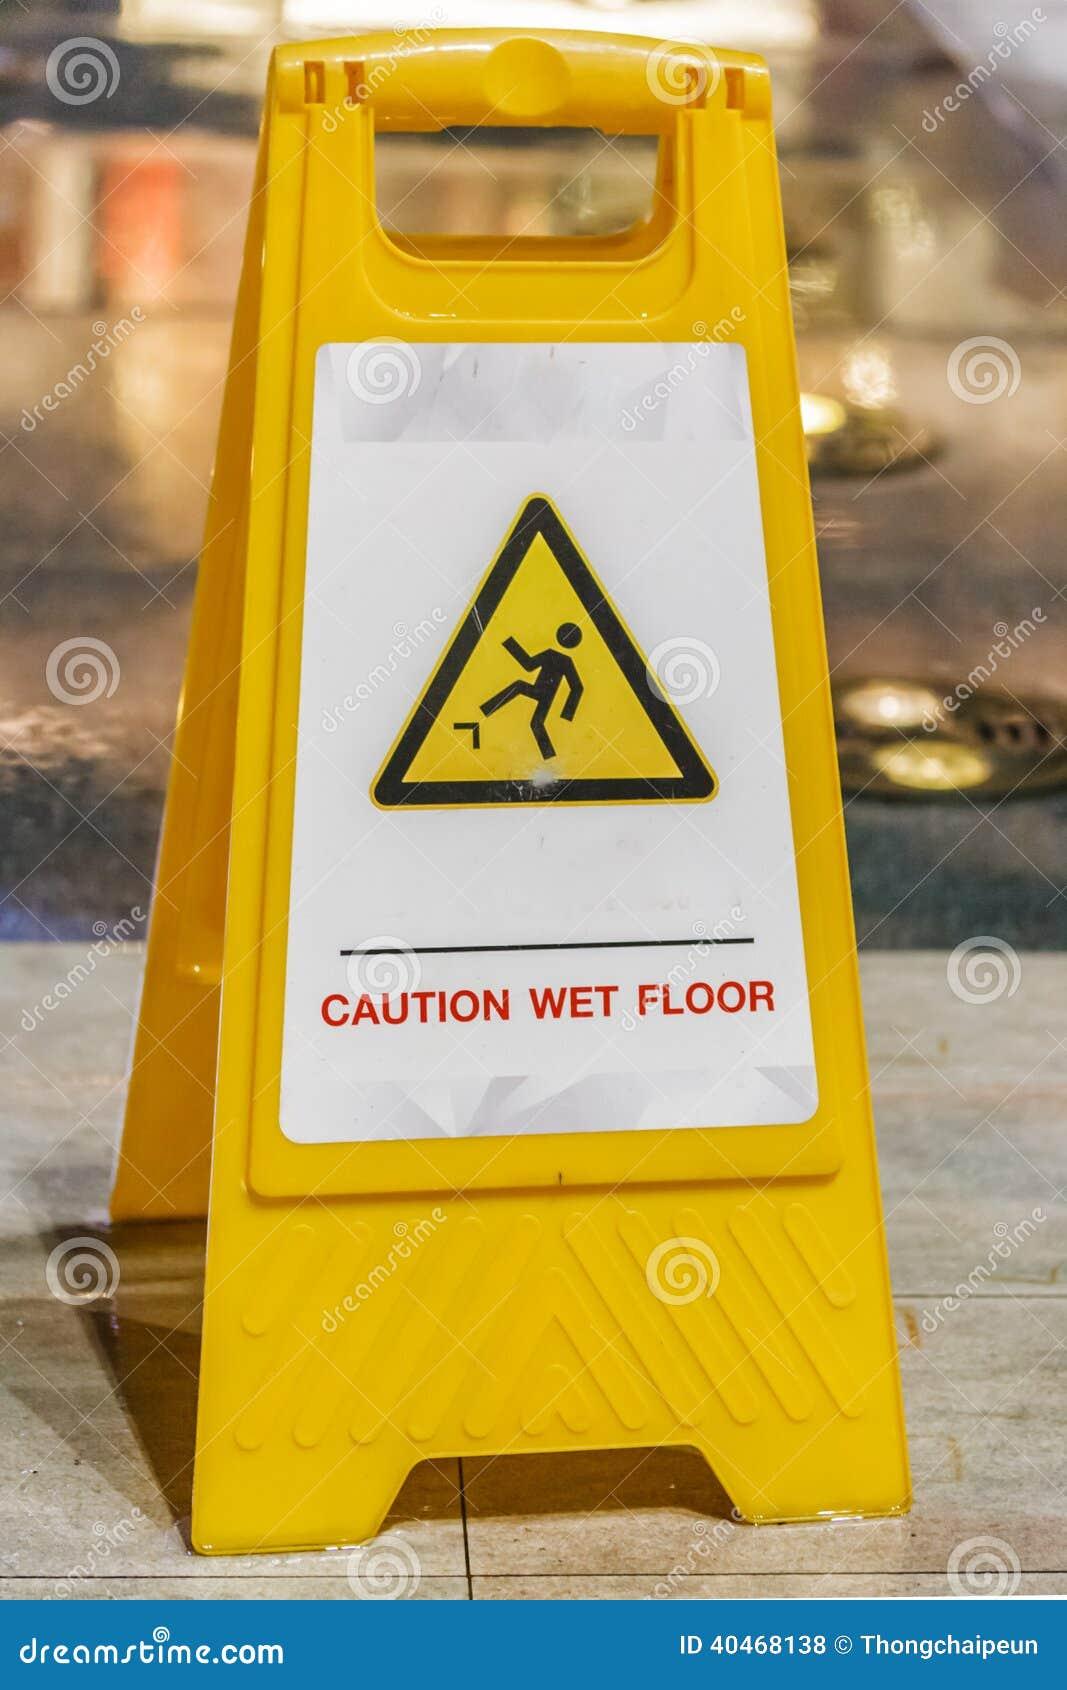 Nasses Fußboden-Zeichen stockfoto. Bild von plastik, warning - 40468138